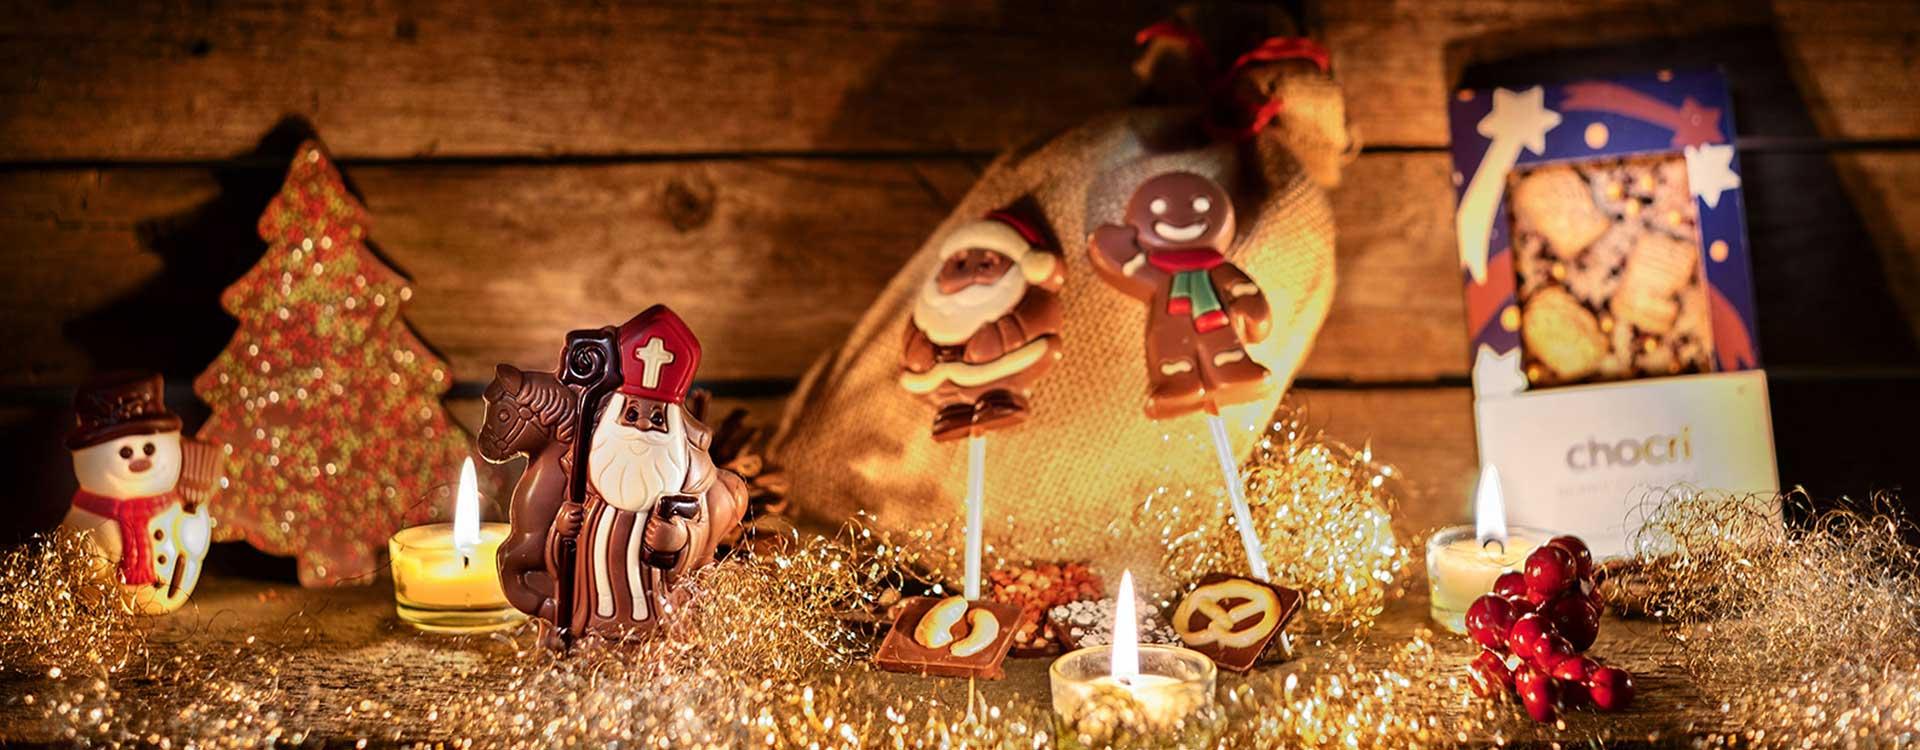 Nikolaus köstliche Hohlfigur aus Vollmilchschokolade von chocri und seine Freunde zu Weihnachten